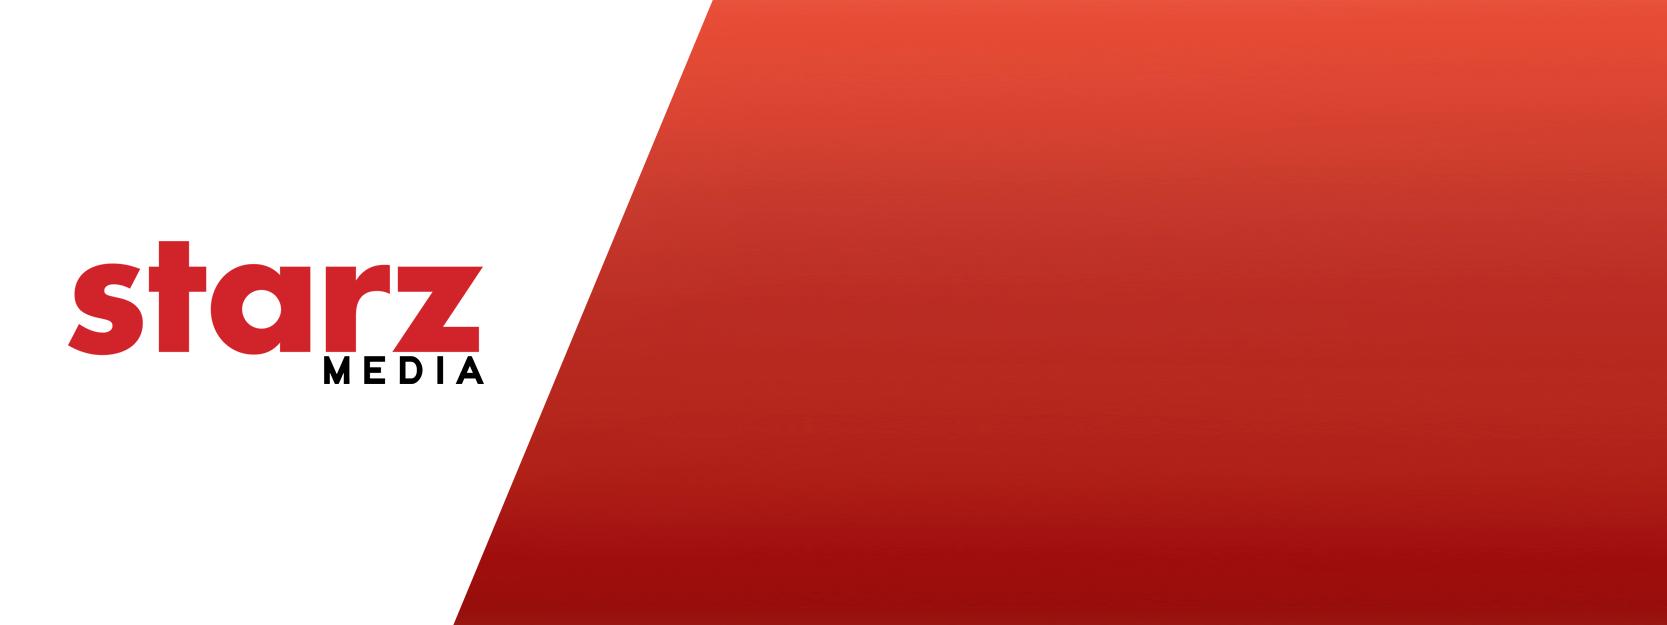 Starz-Media-banner